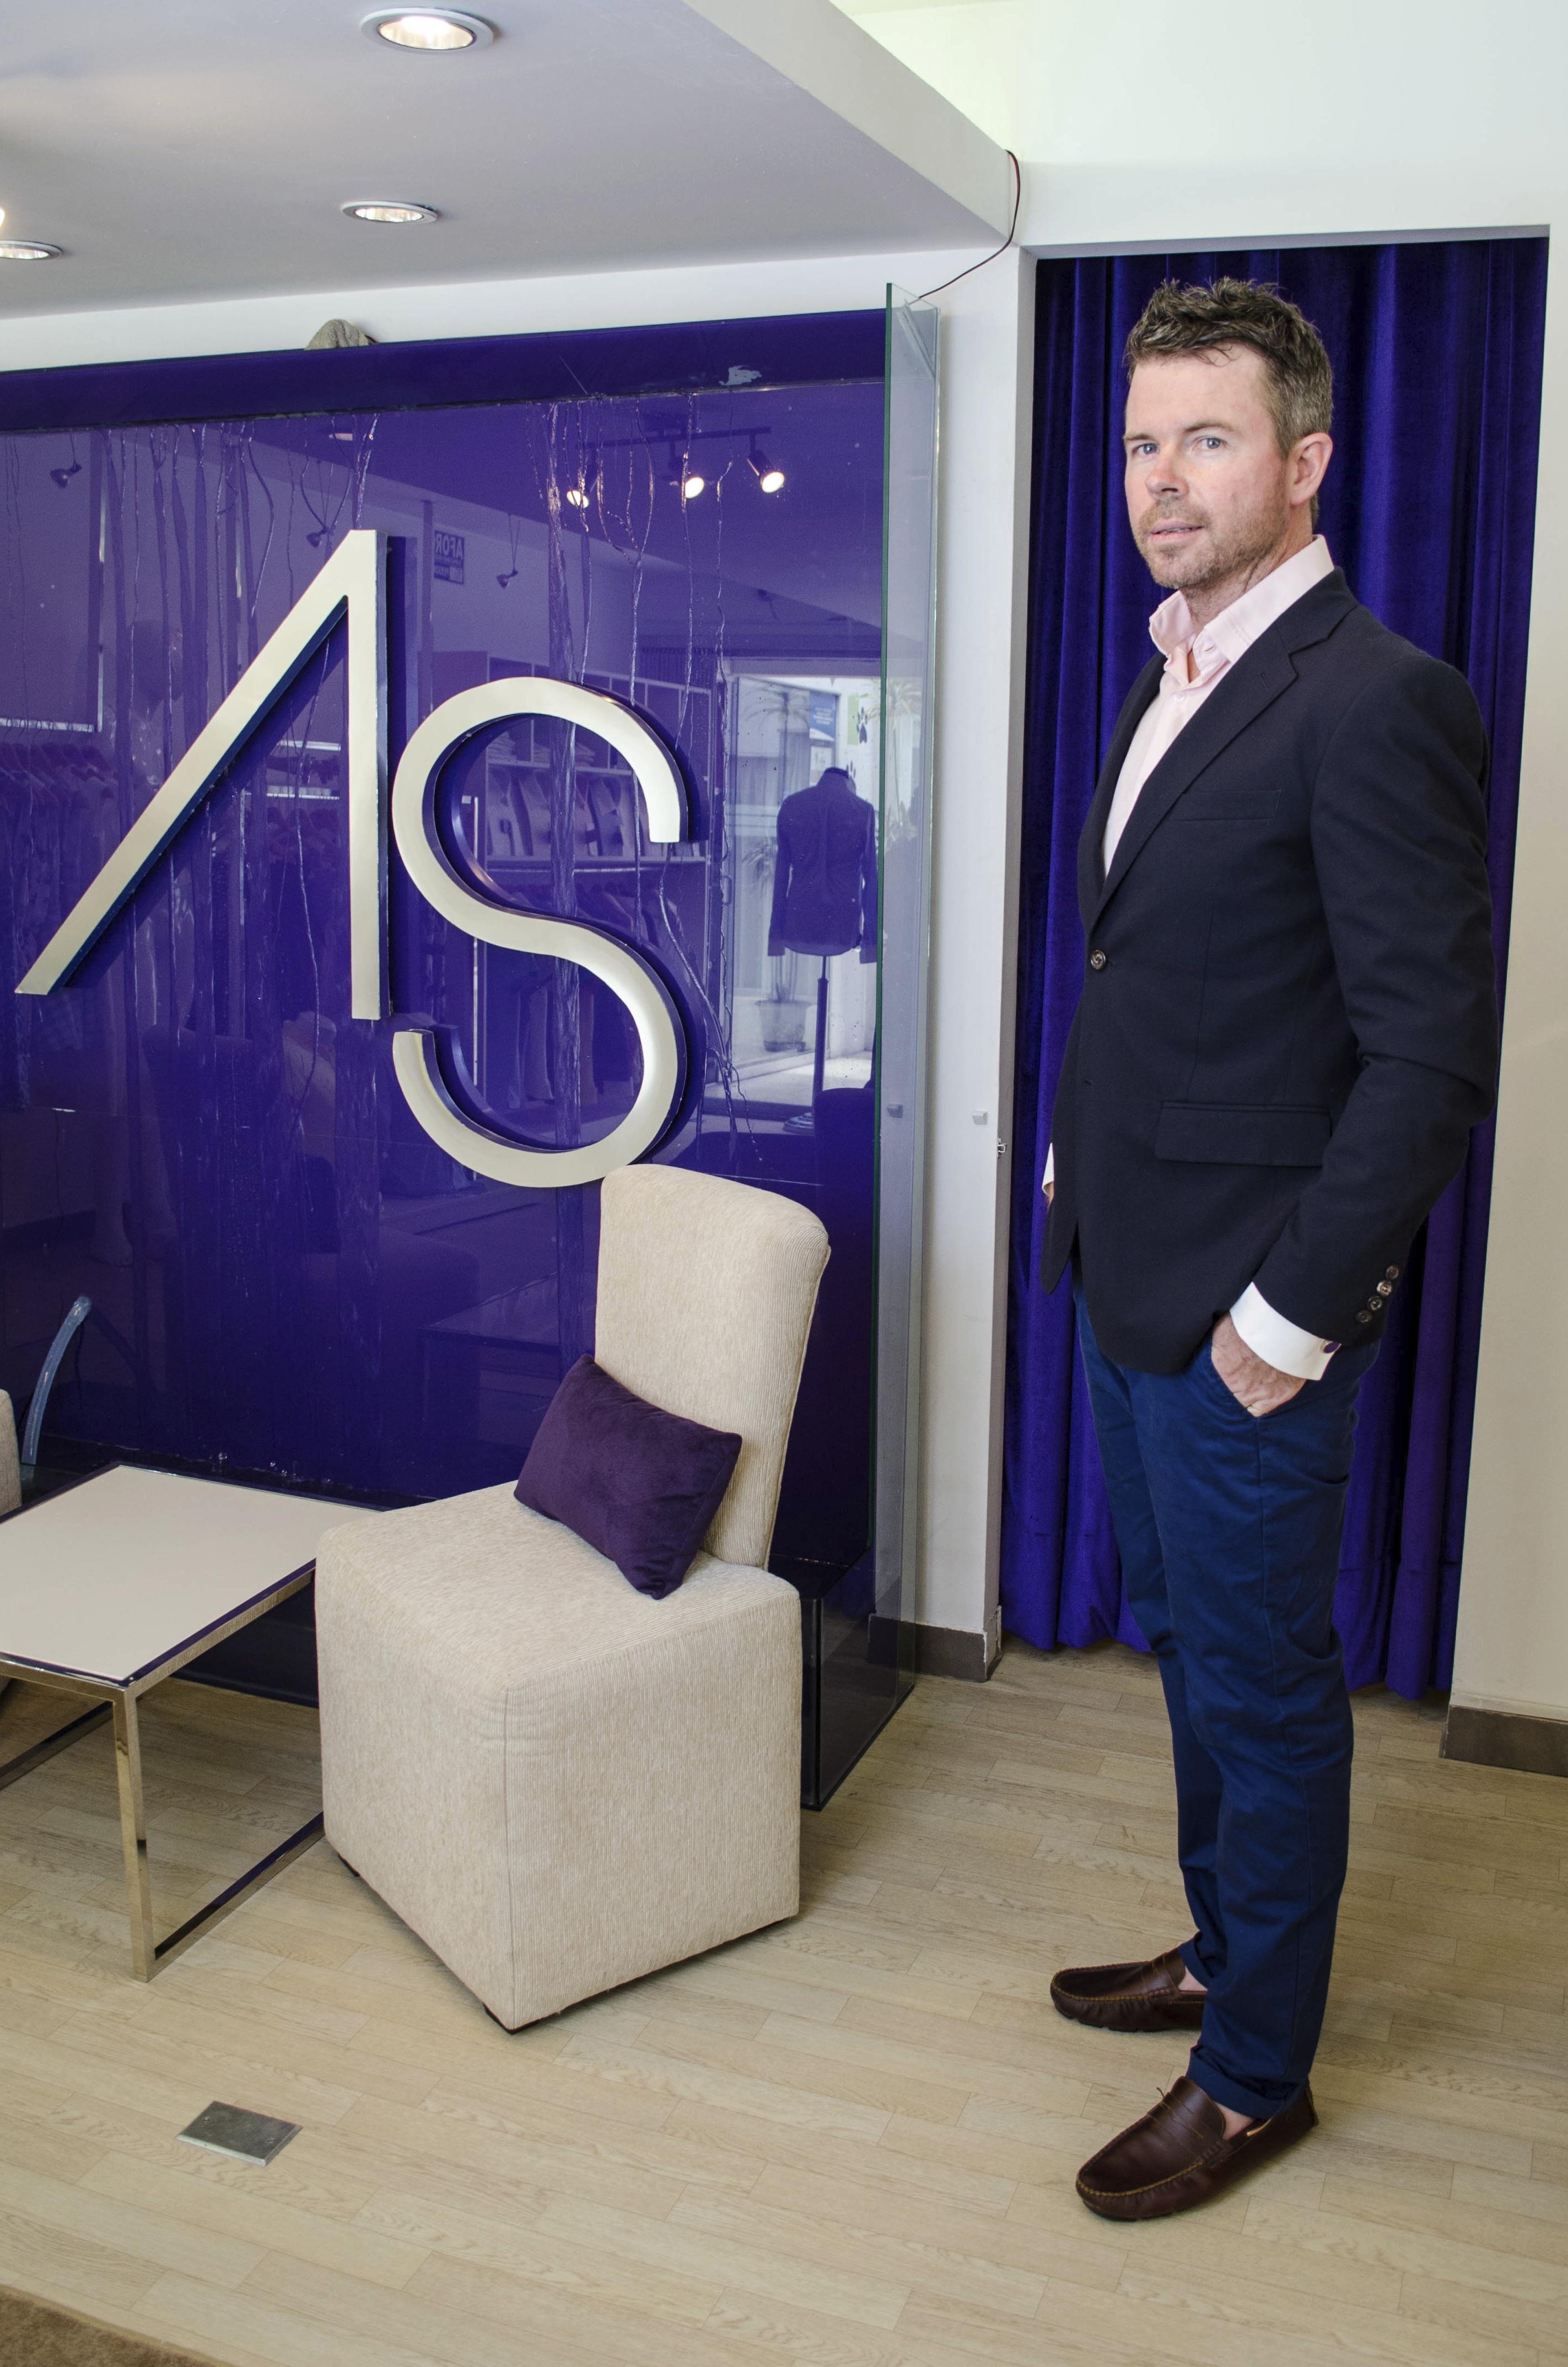 Christopher Board Diseñador línea hombre  - Cadena de moda Andrea Suarz planea abrir 5 tiendas en Perú